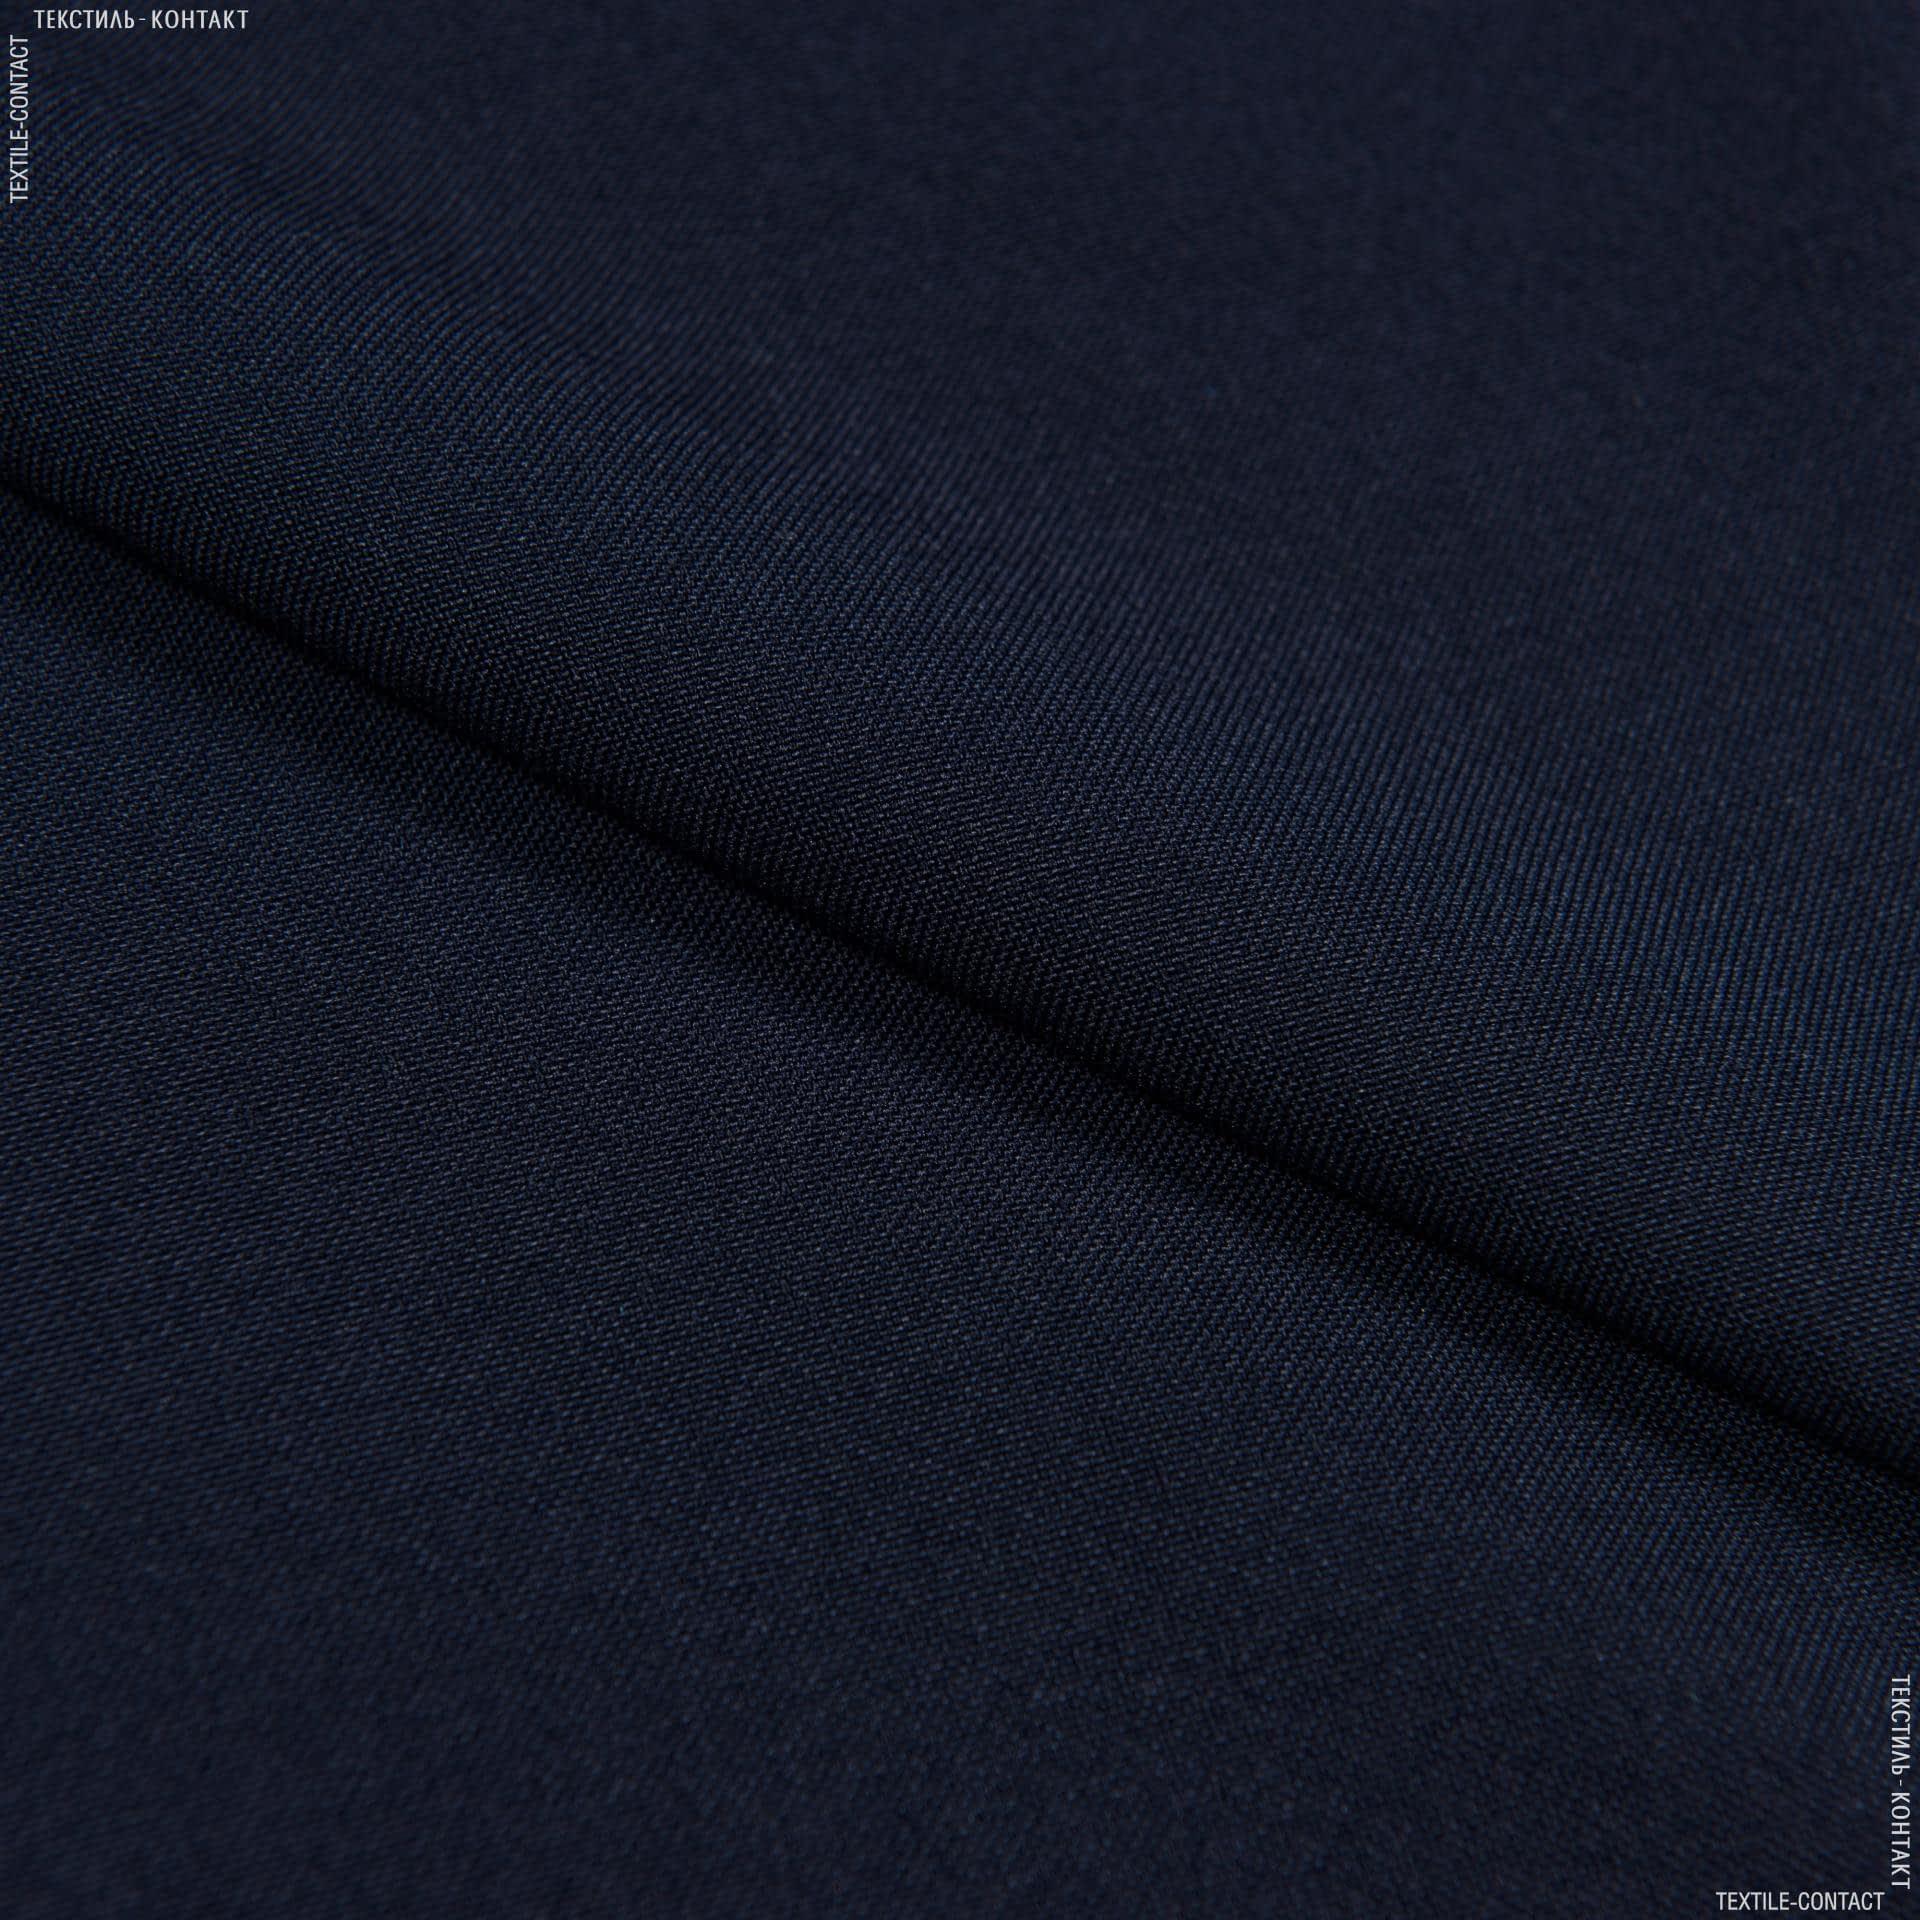 Ткани для брюк - Габардин темно-синий